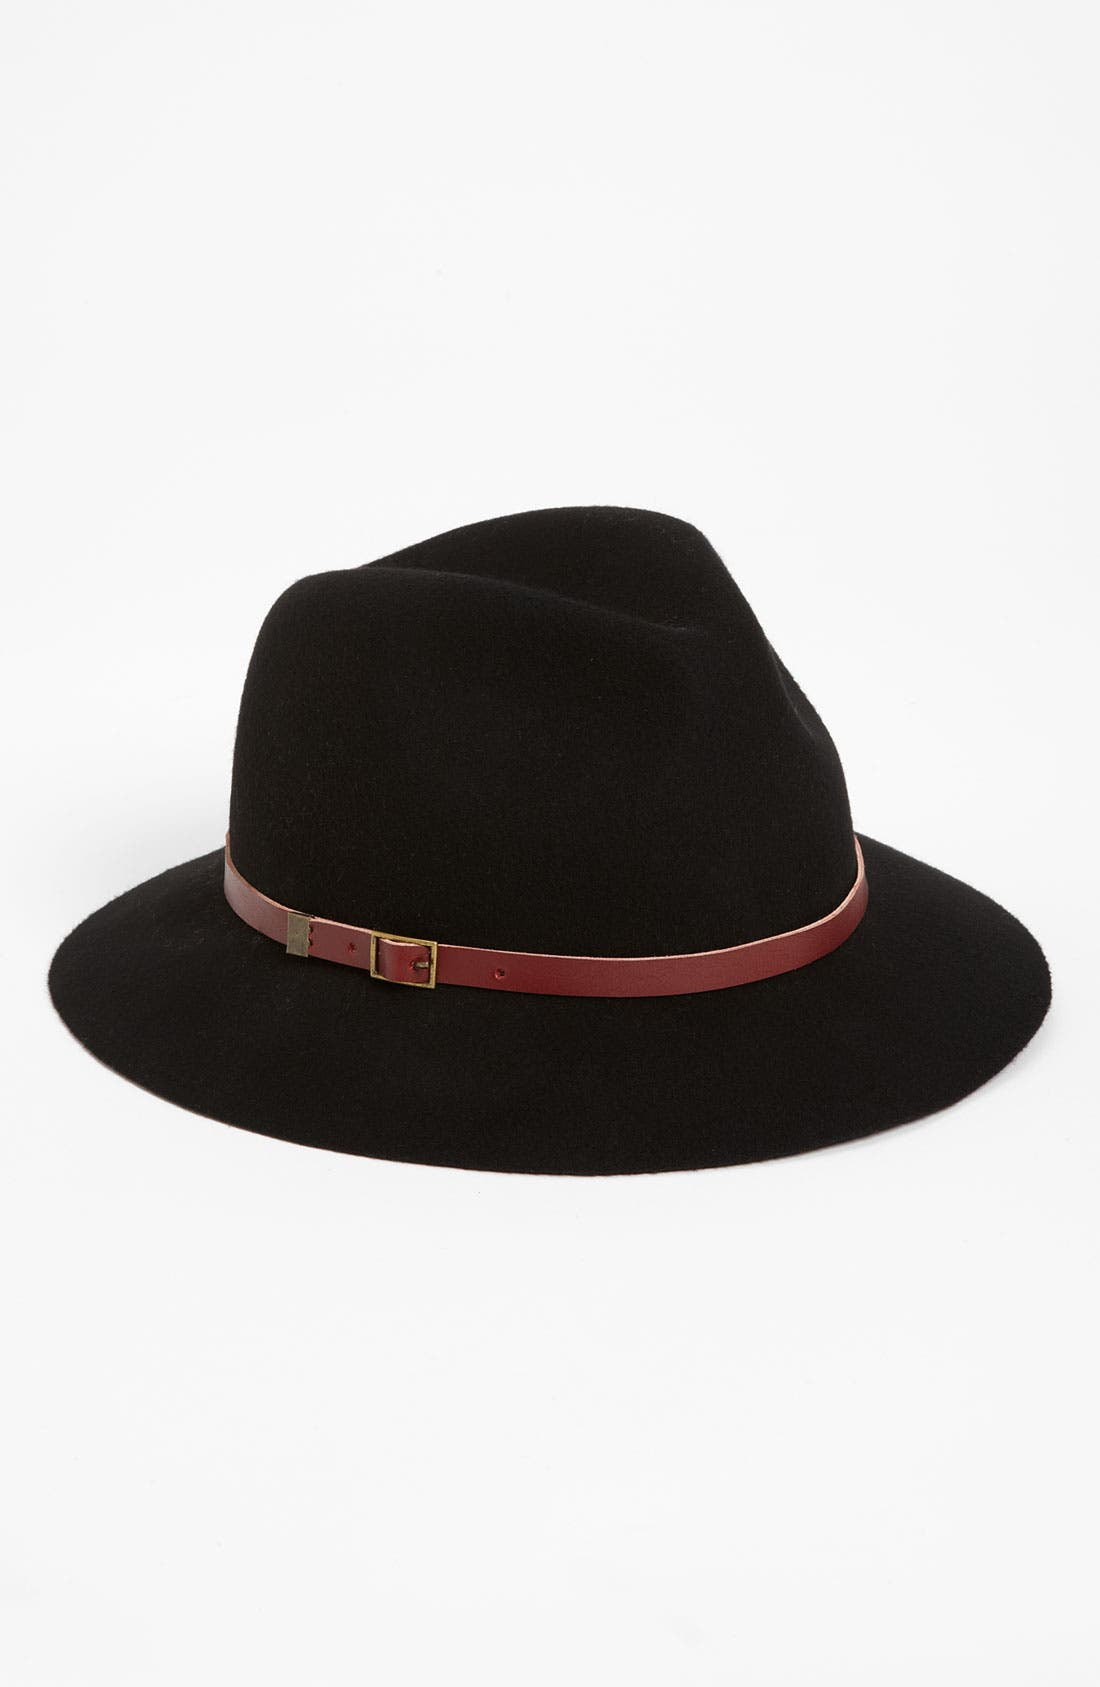 Alternate Image 1 Selected - Genie by Eugenia Kim 'Jordan' Wool Hat